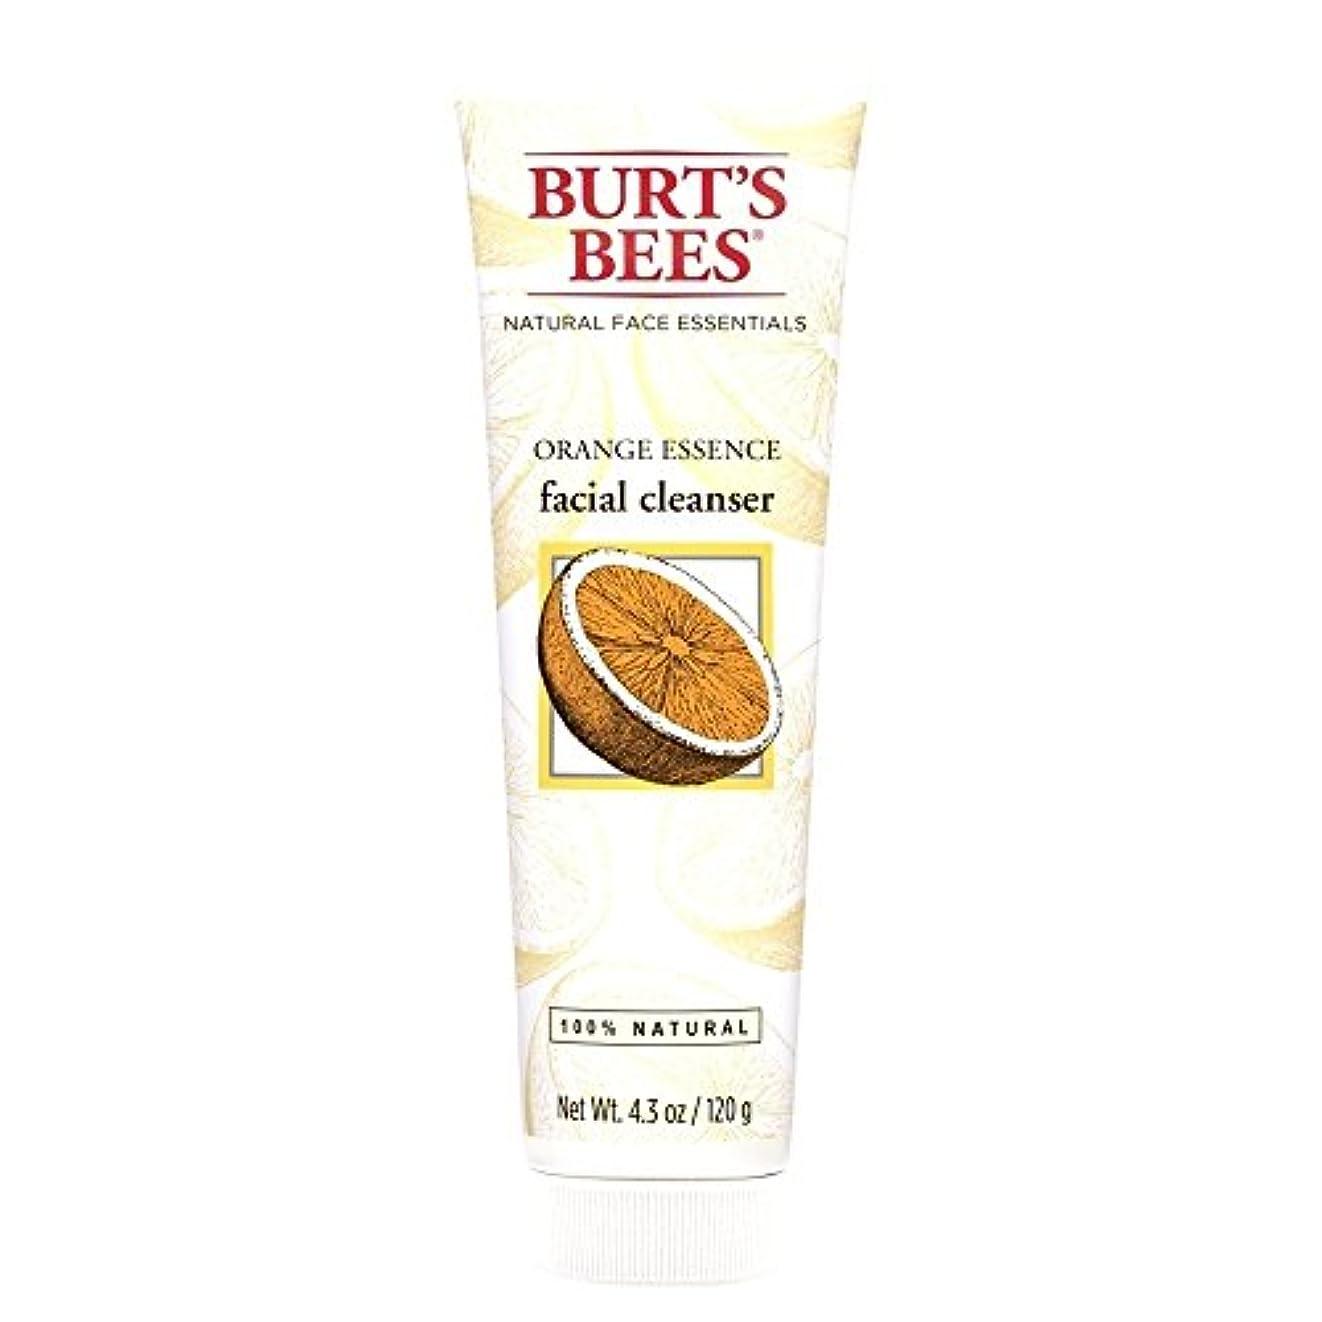 引き出し再開るバーツビーオレンジエッセンス洗顔料、125グラム (Burt's Bees) (x2) - Burt's Bees Orange Essence Facial Cleanser, 125g (Pack of 2) [並行輸入品]